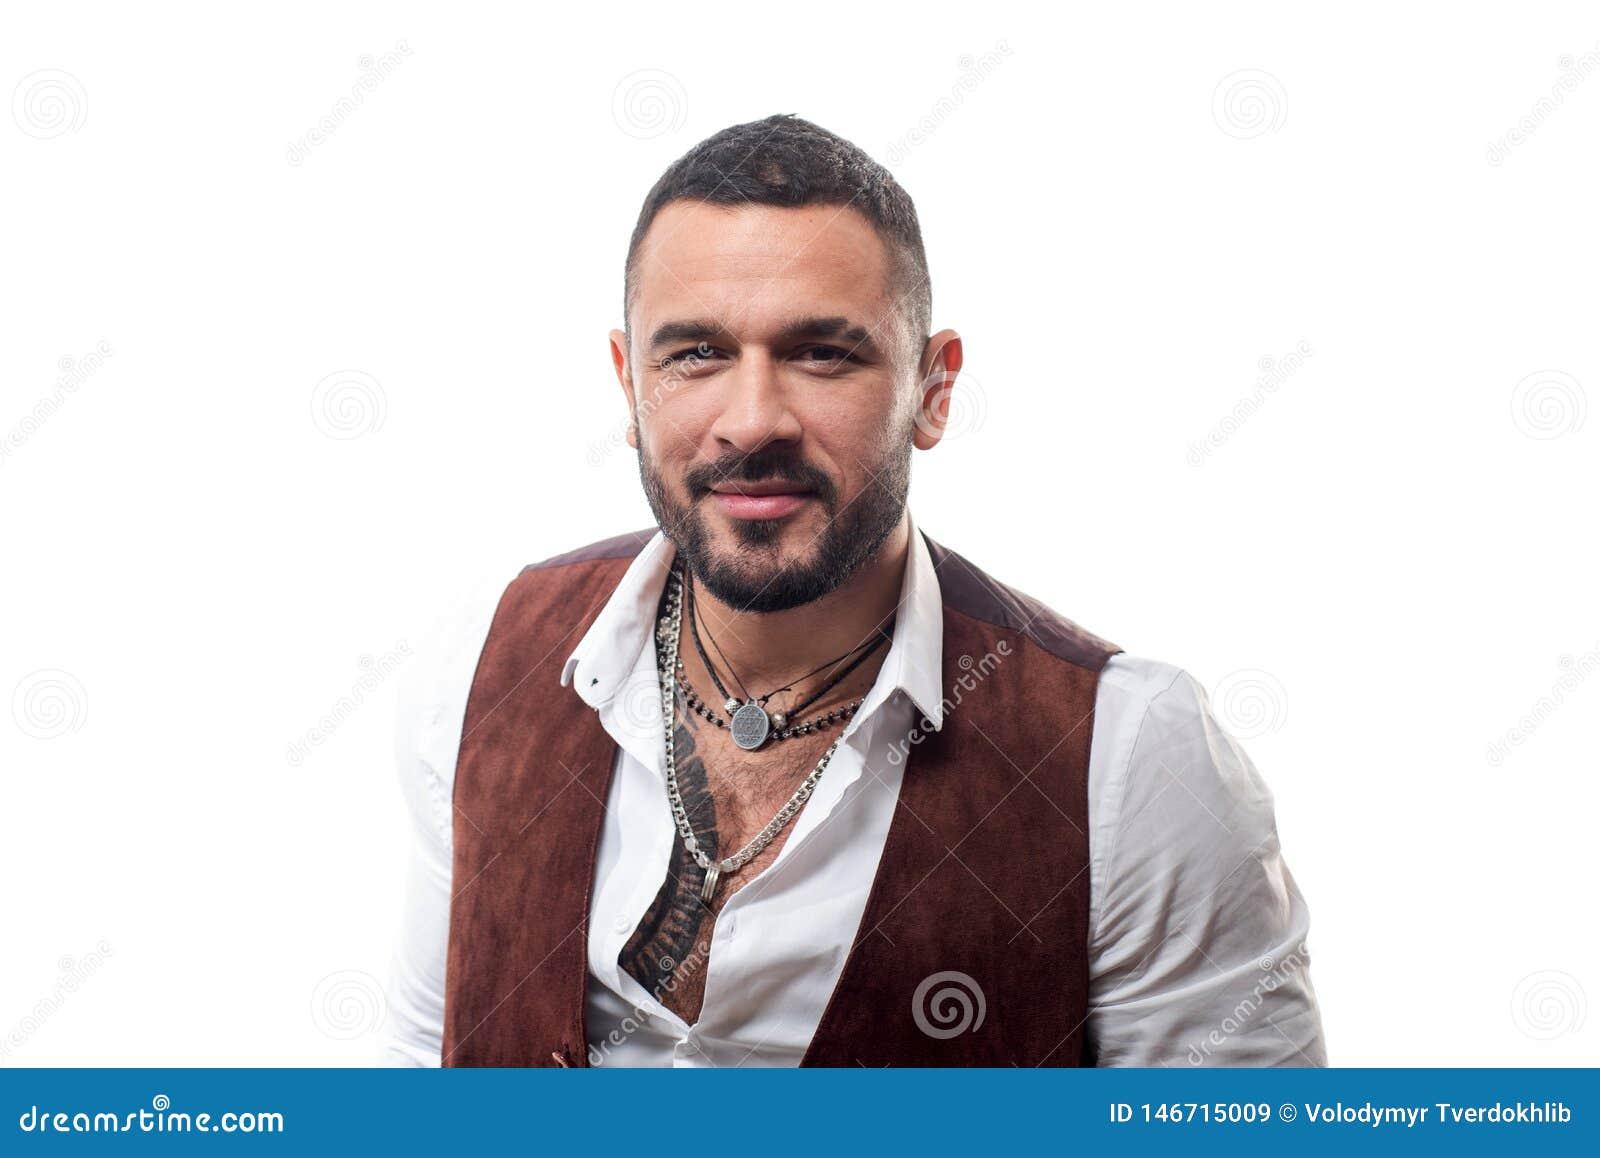 Maffiaframstickande Stiligt maffiaframstickande för grabb Latino mode Mannen ansade väl rikt trendigt macho Grabbkläderkläder och